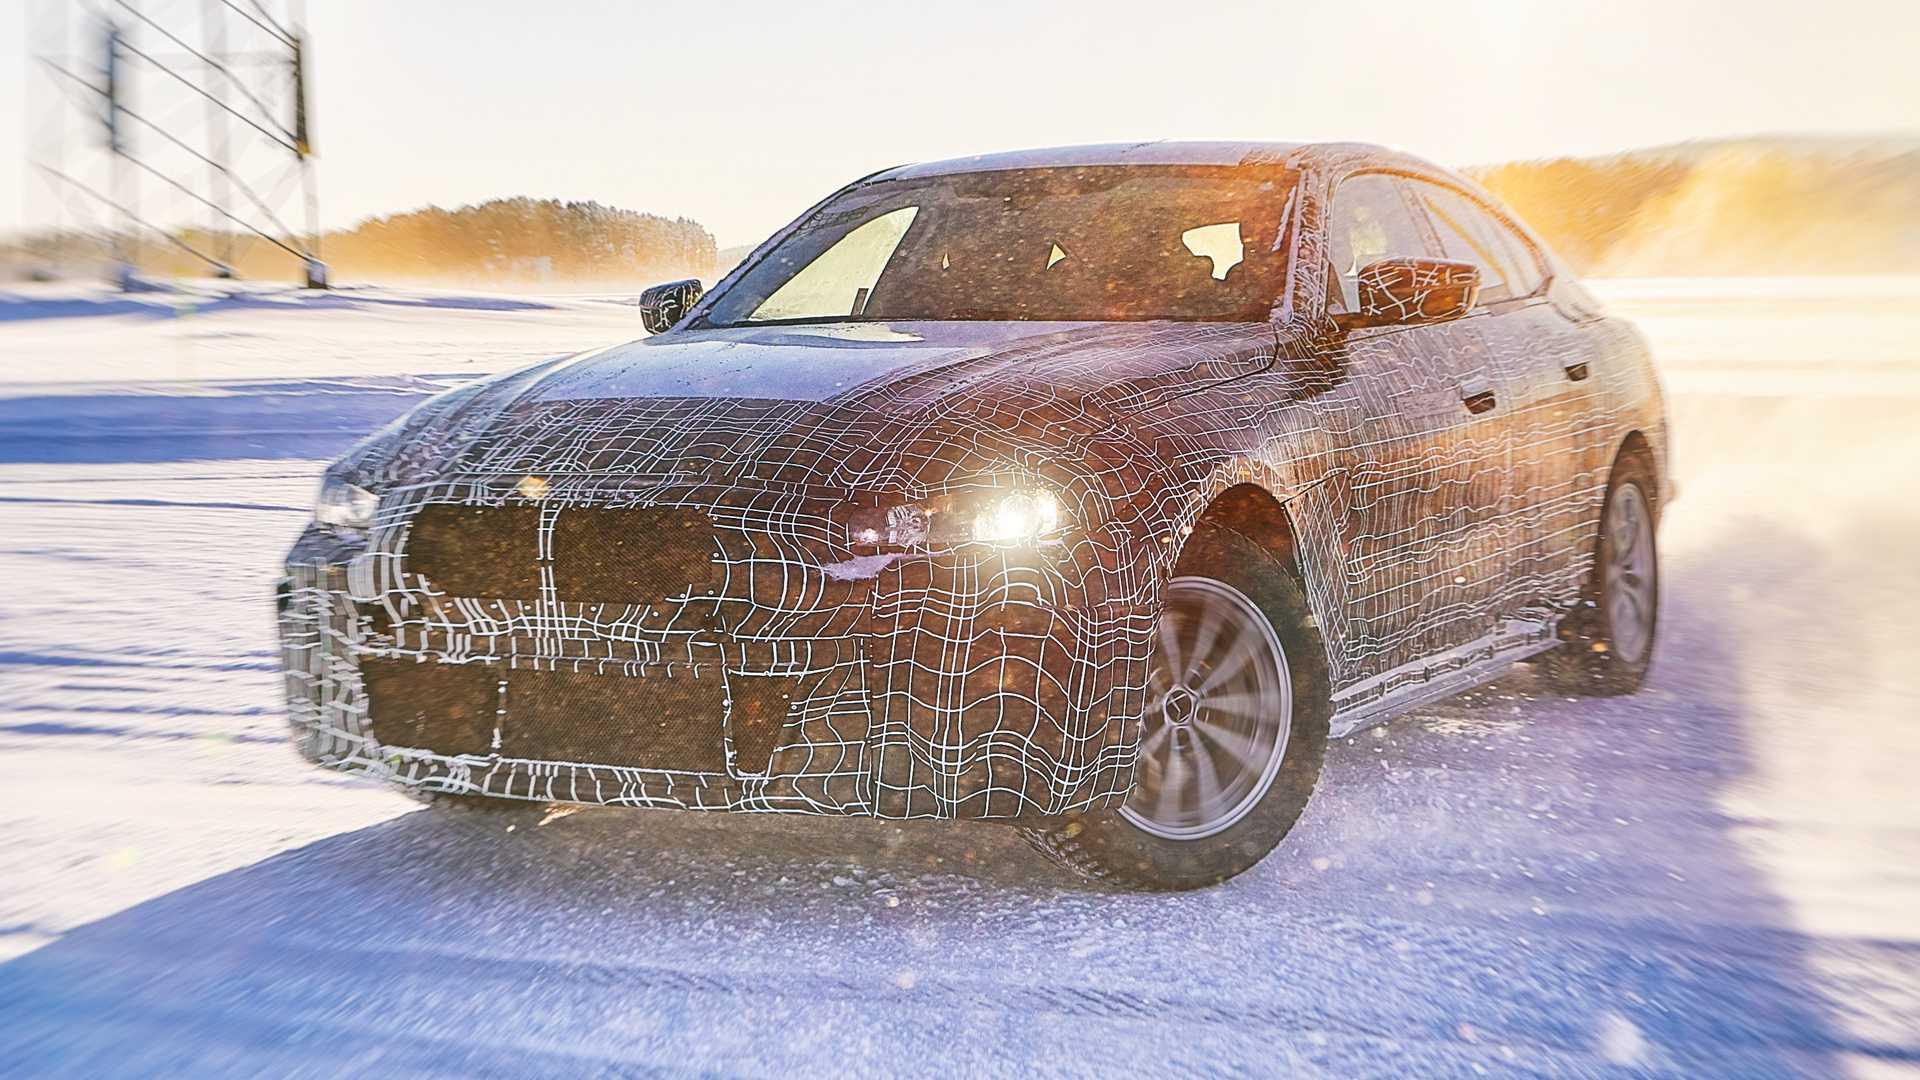 ¡Oficial! Cifras y datos del BMW i4, ya conocemos potencia y autonomía